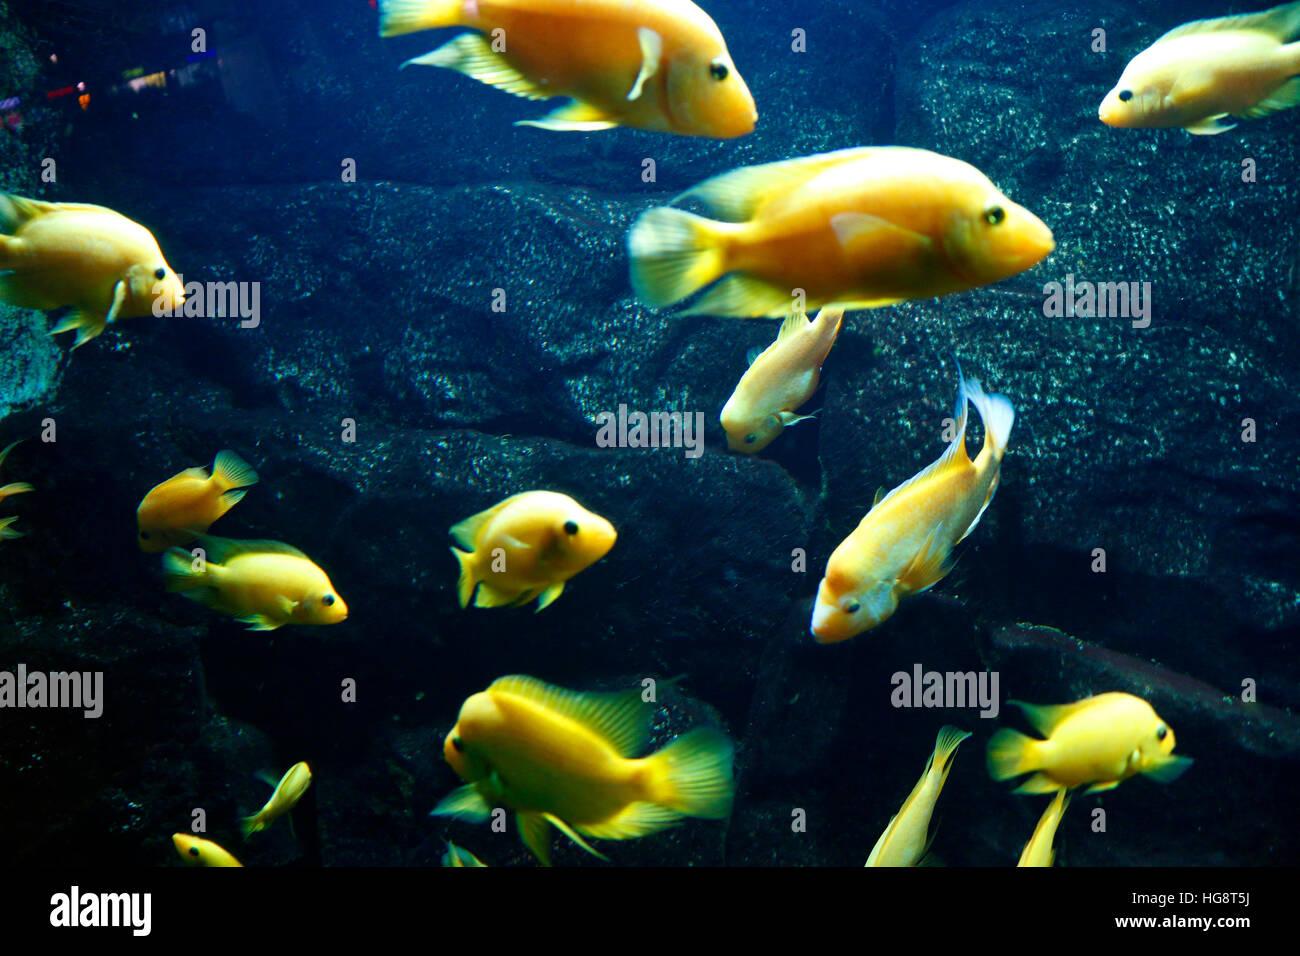 Fische in Aquarium. - Stock Image